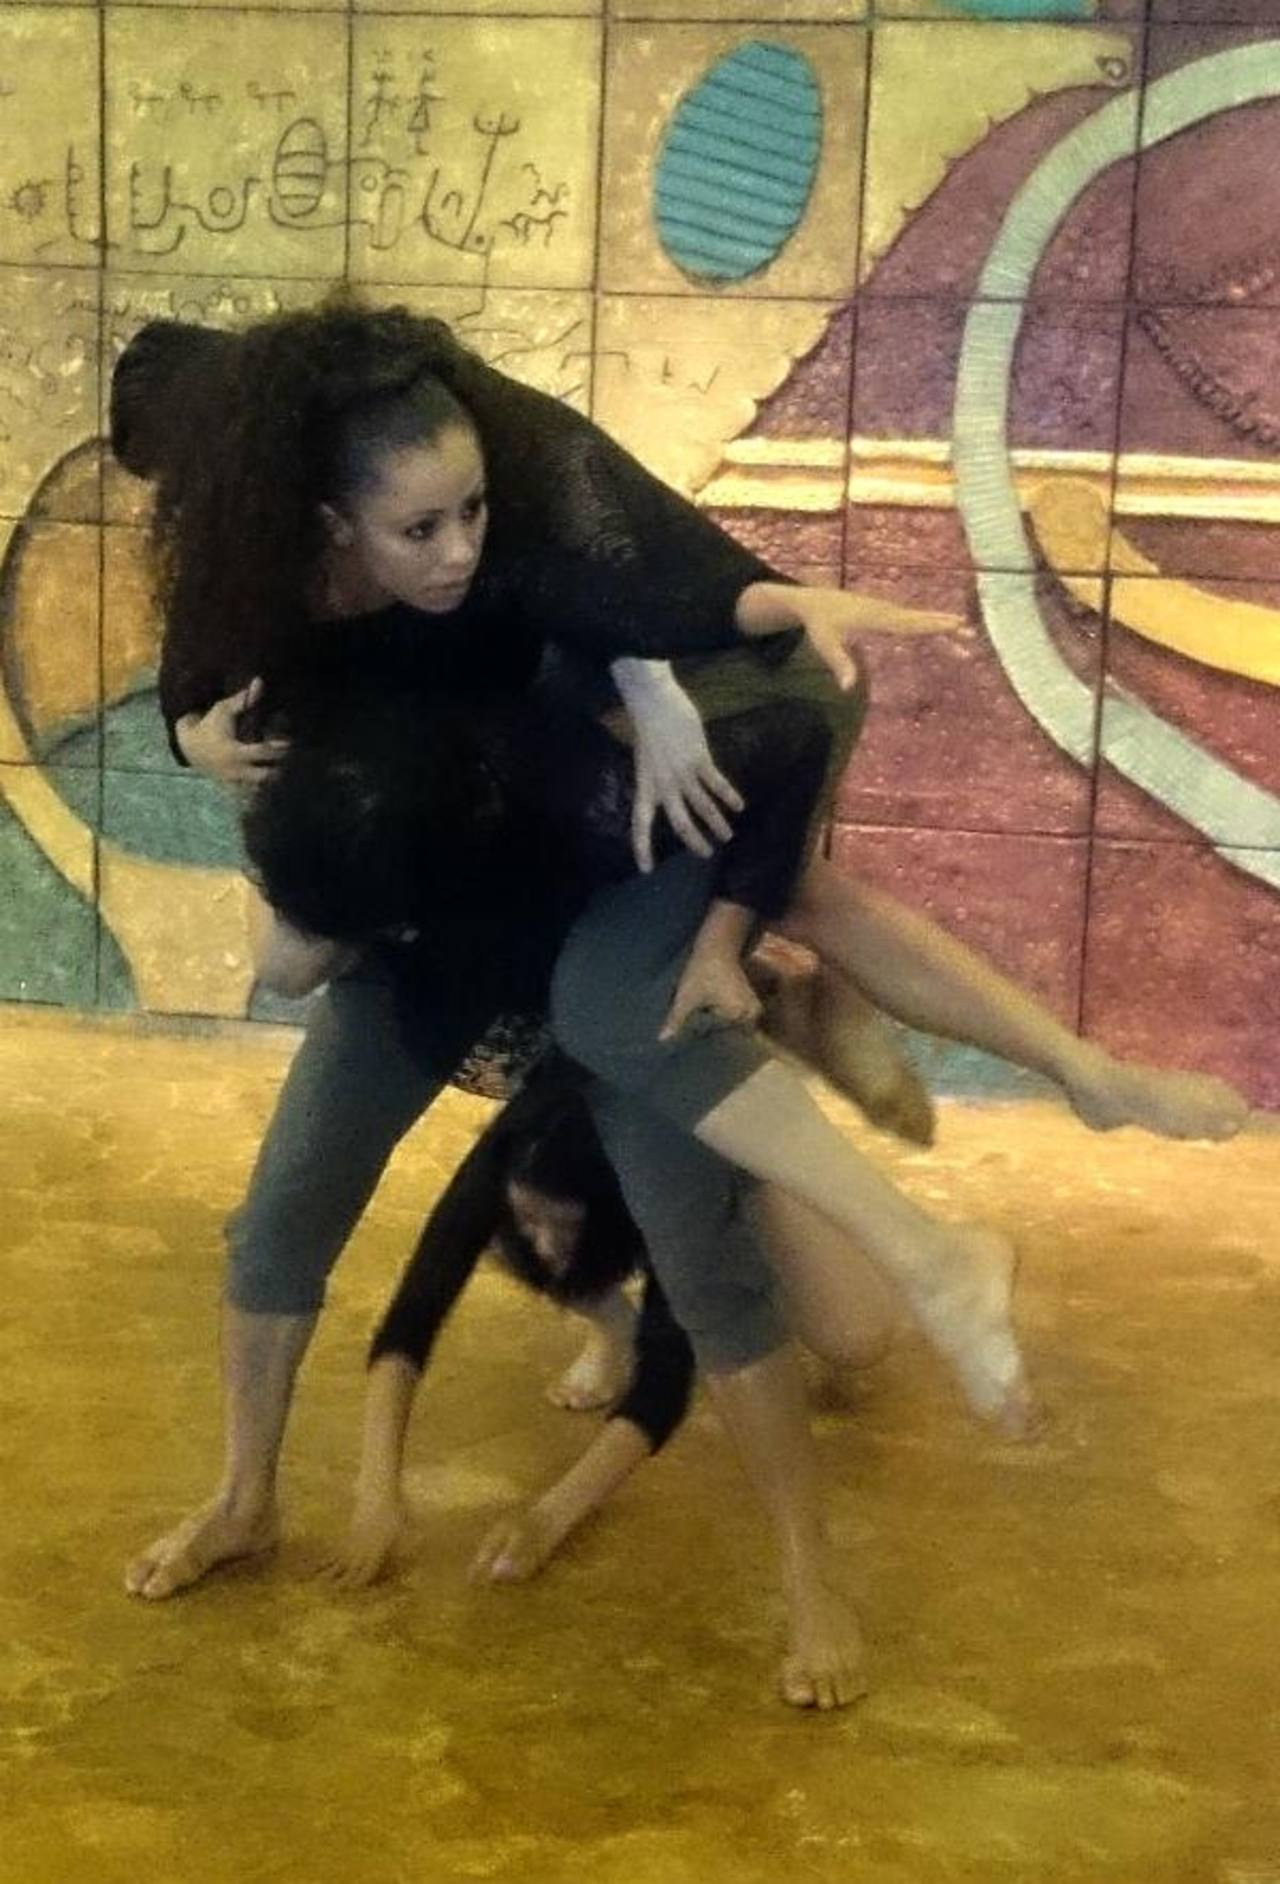 La teatralidad y la danza están incluidos en la obra.